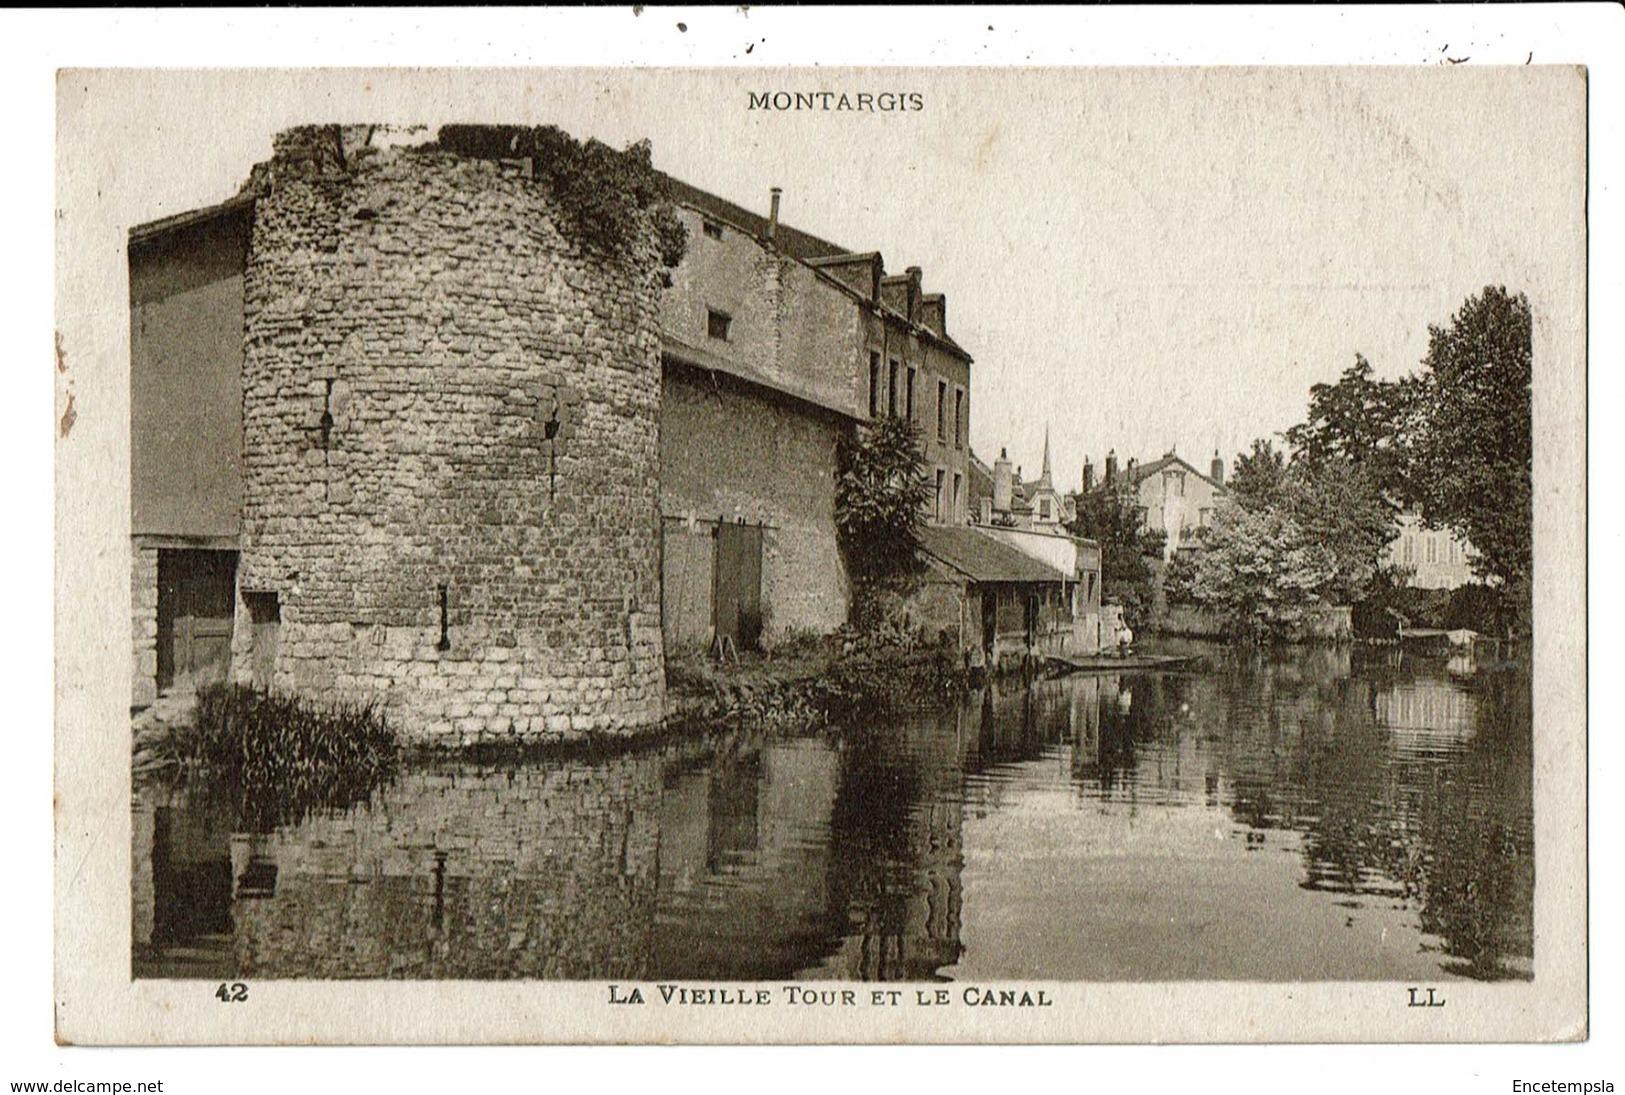 CPA-Carte Postale-FRANCE -Montargis - La Vieille Tour Et Le Canal En 1921 VM6557 - Montargis